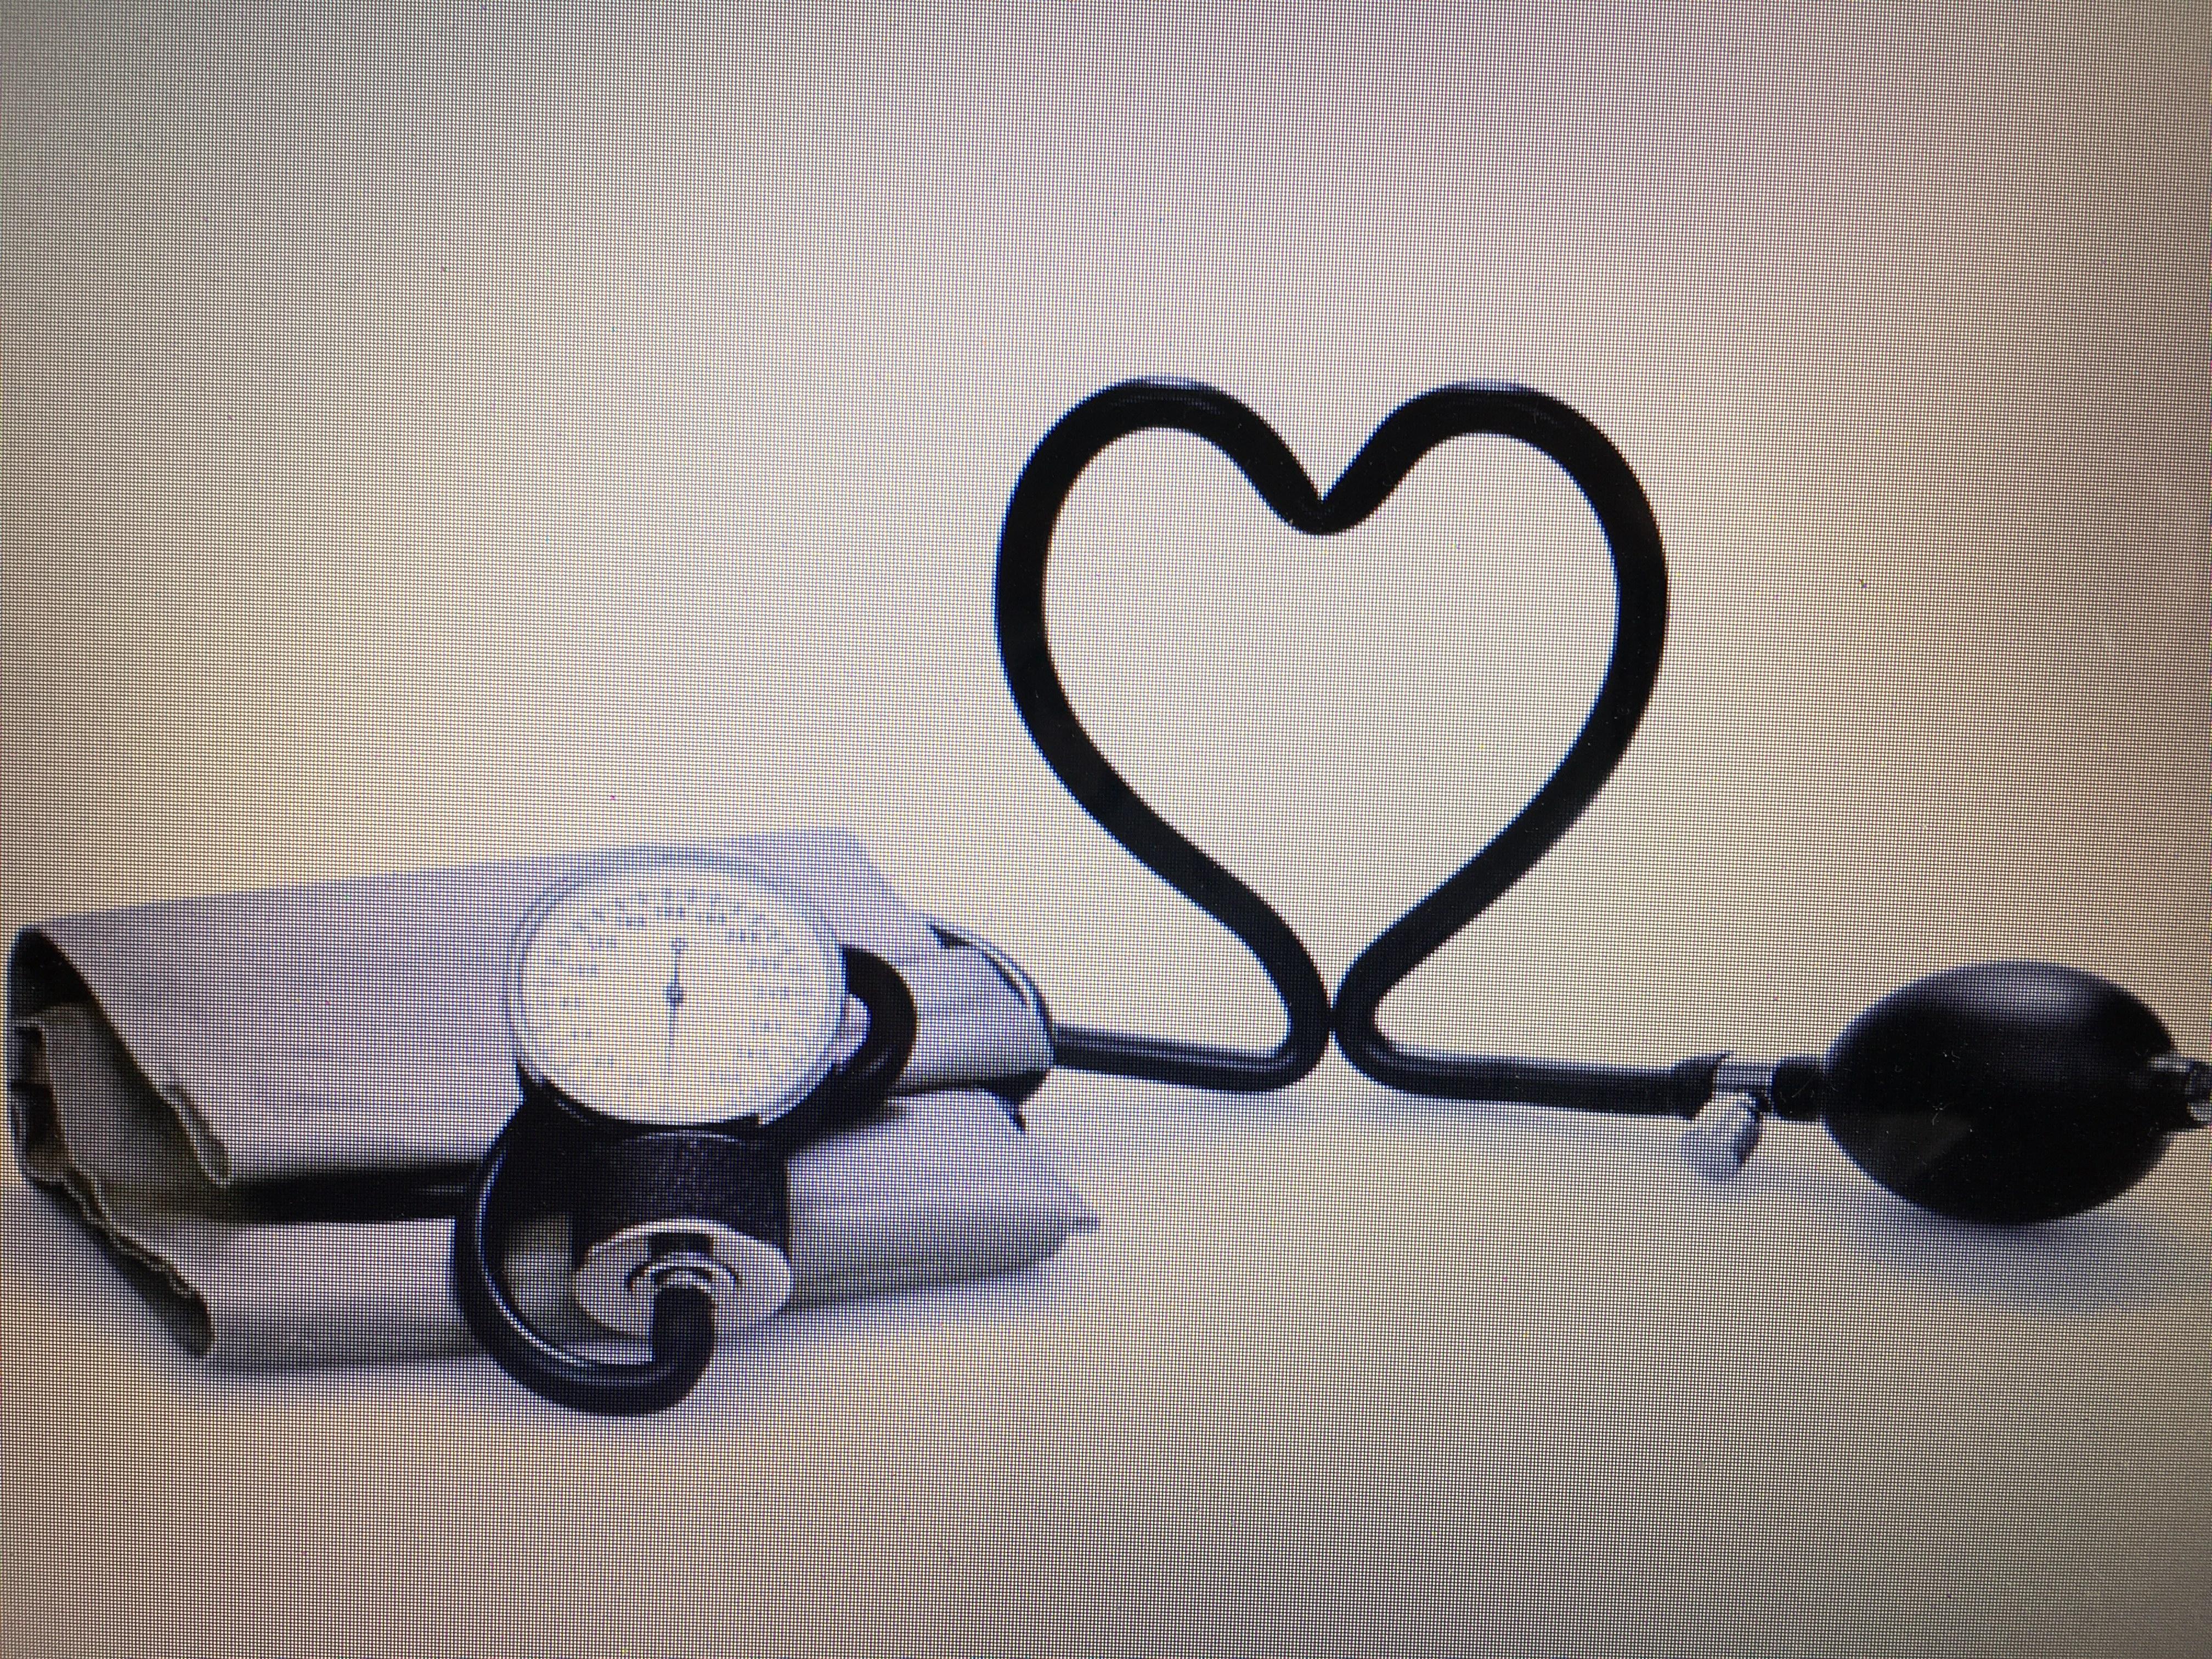 Kennen Sie Ihren Blutdruck?